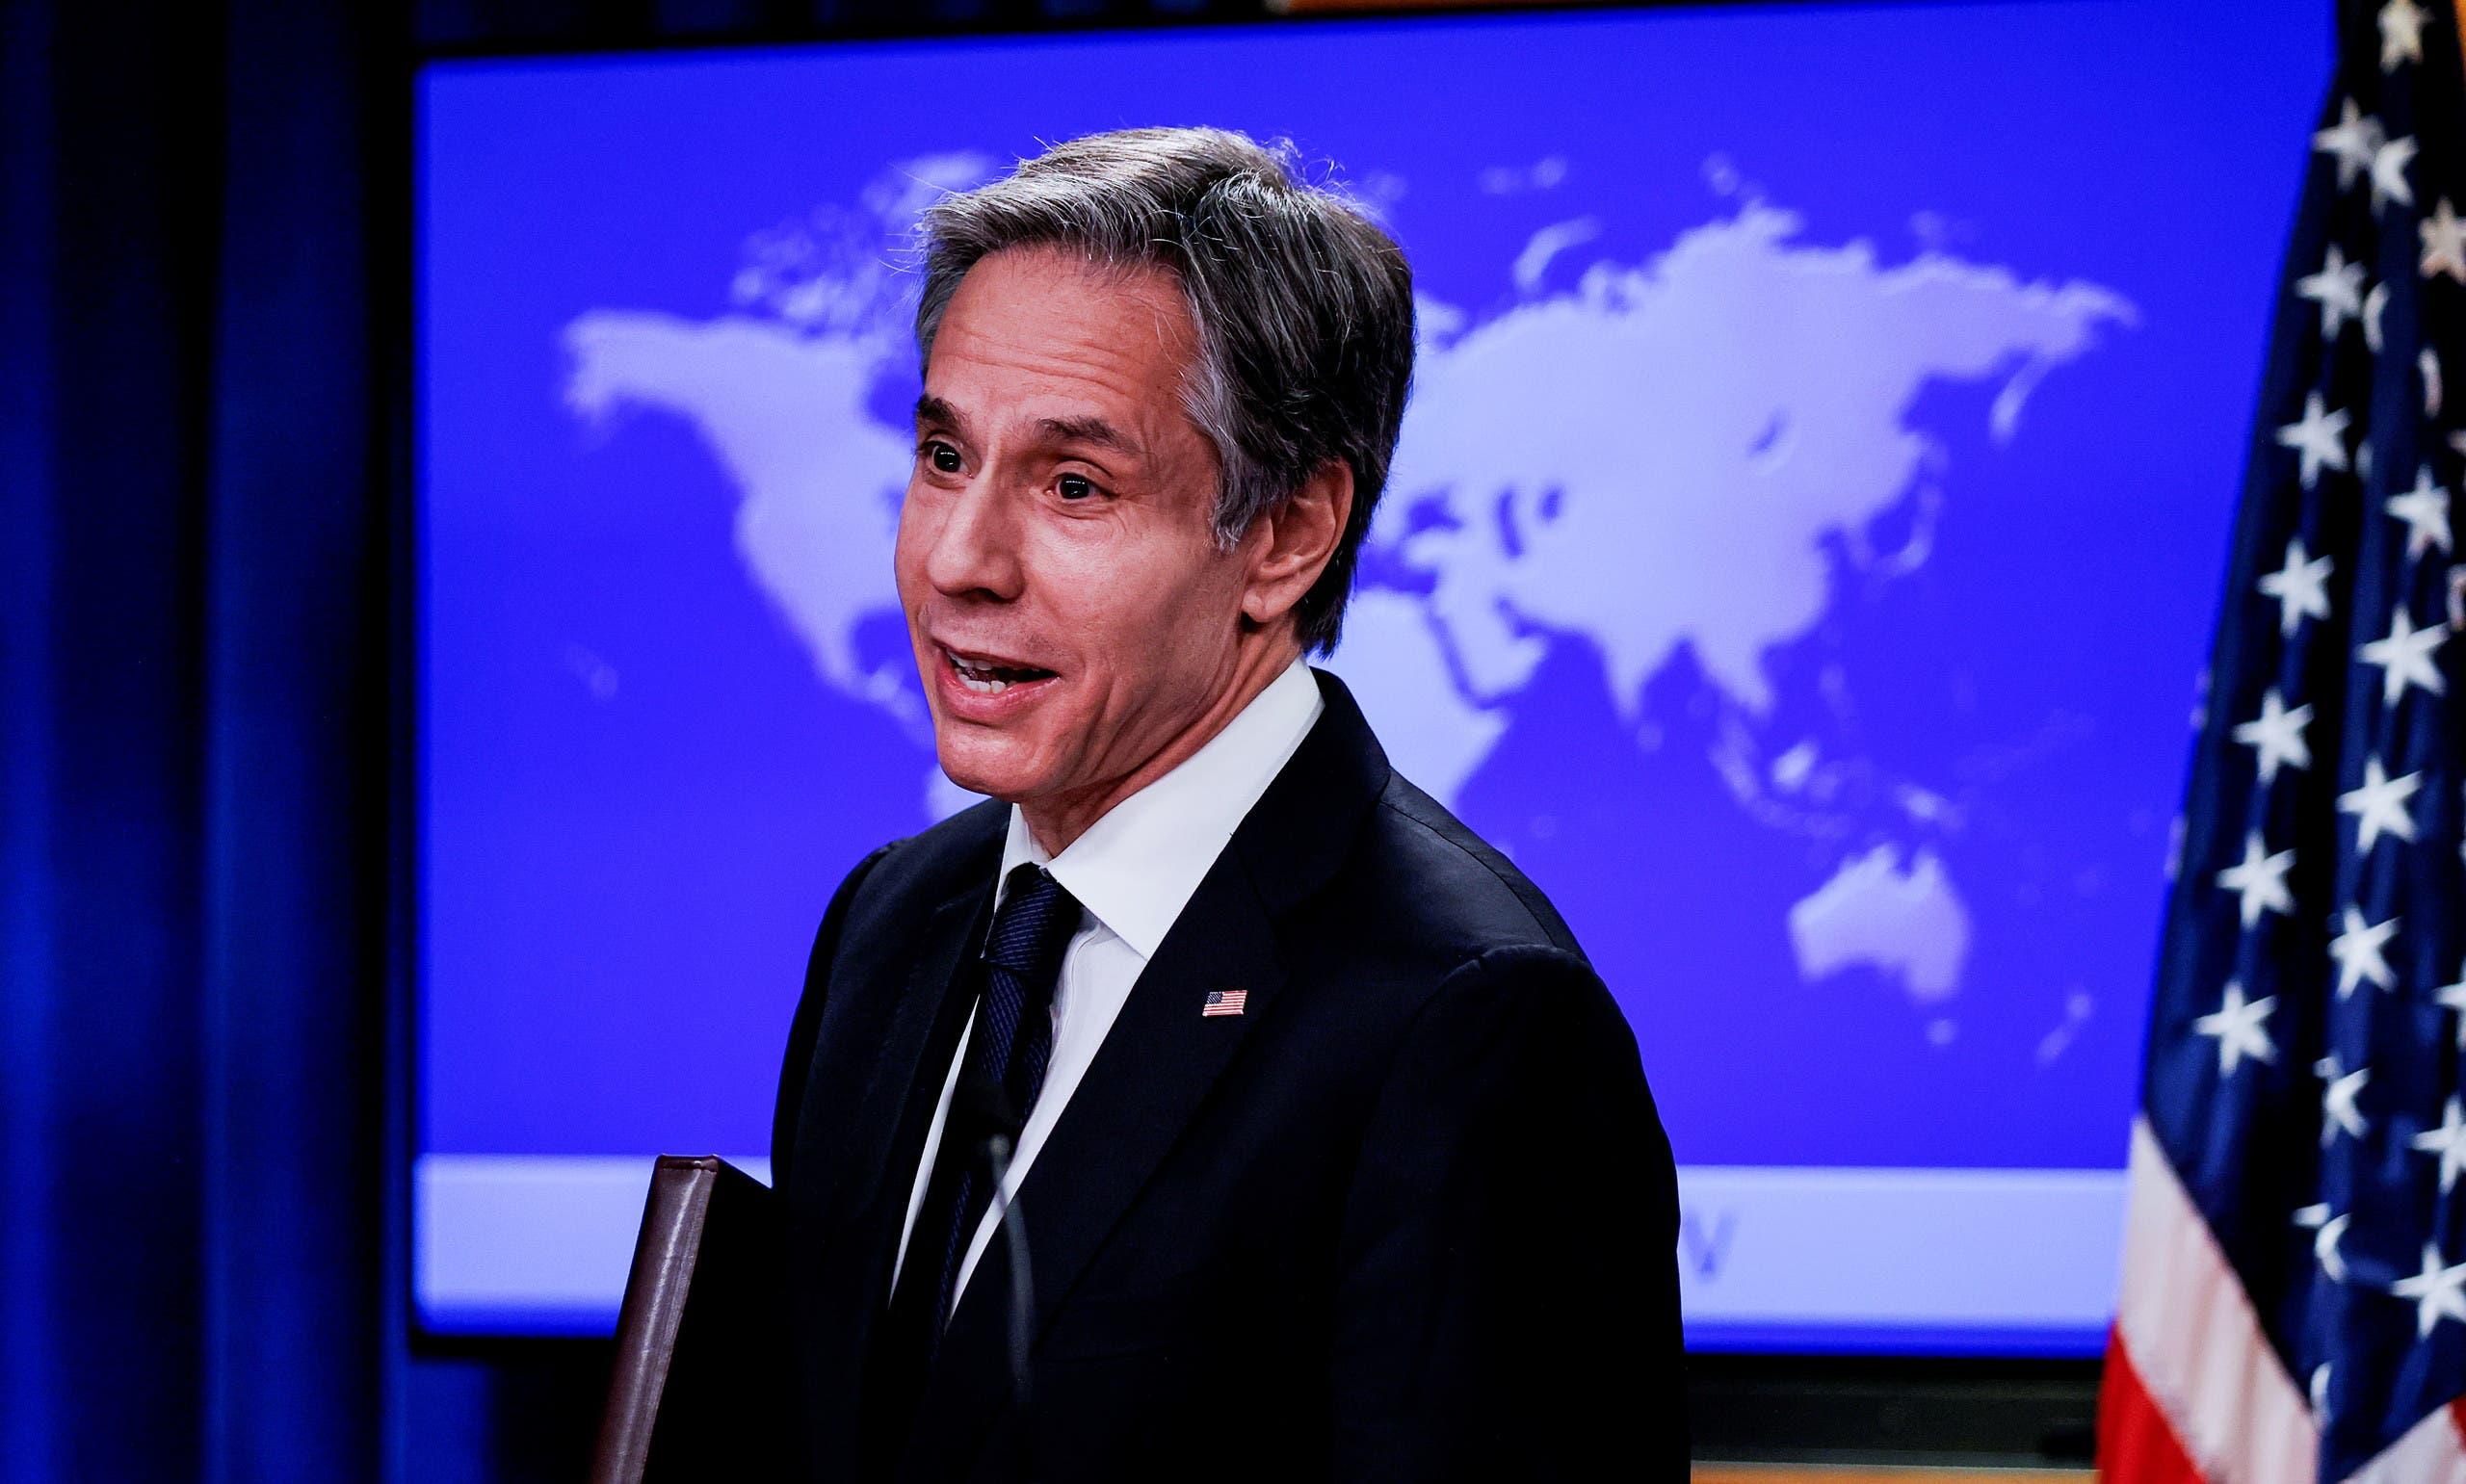 وزير الخارجية الأميركي انتوني بلينكن